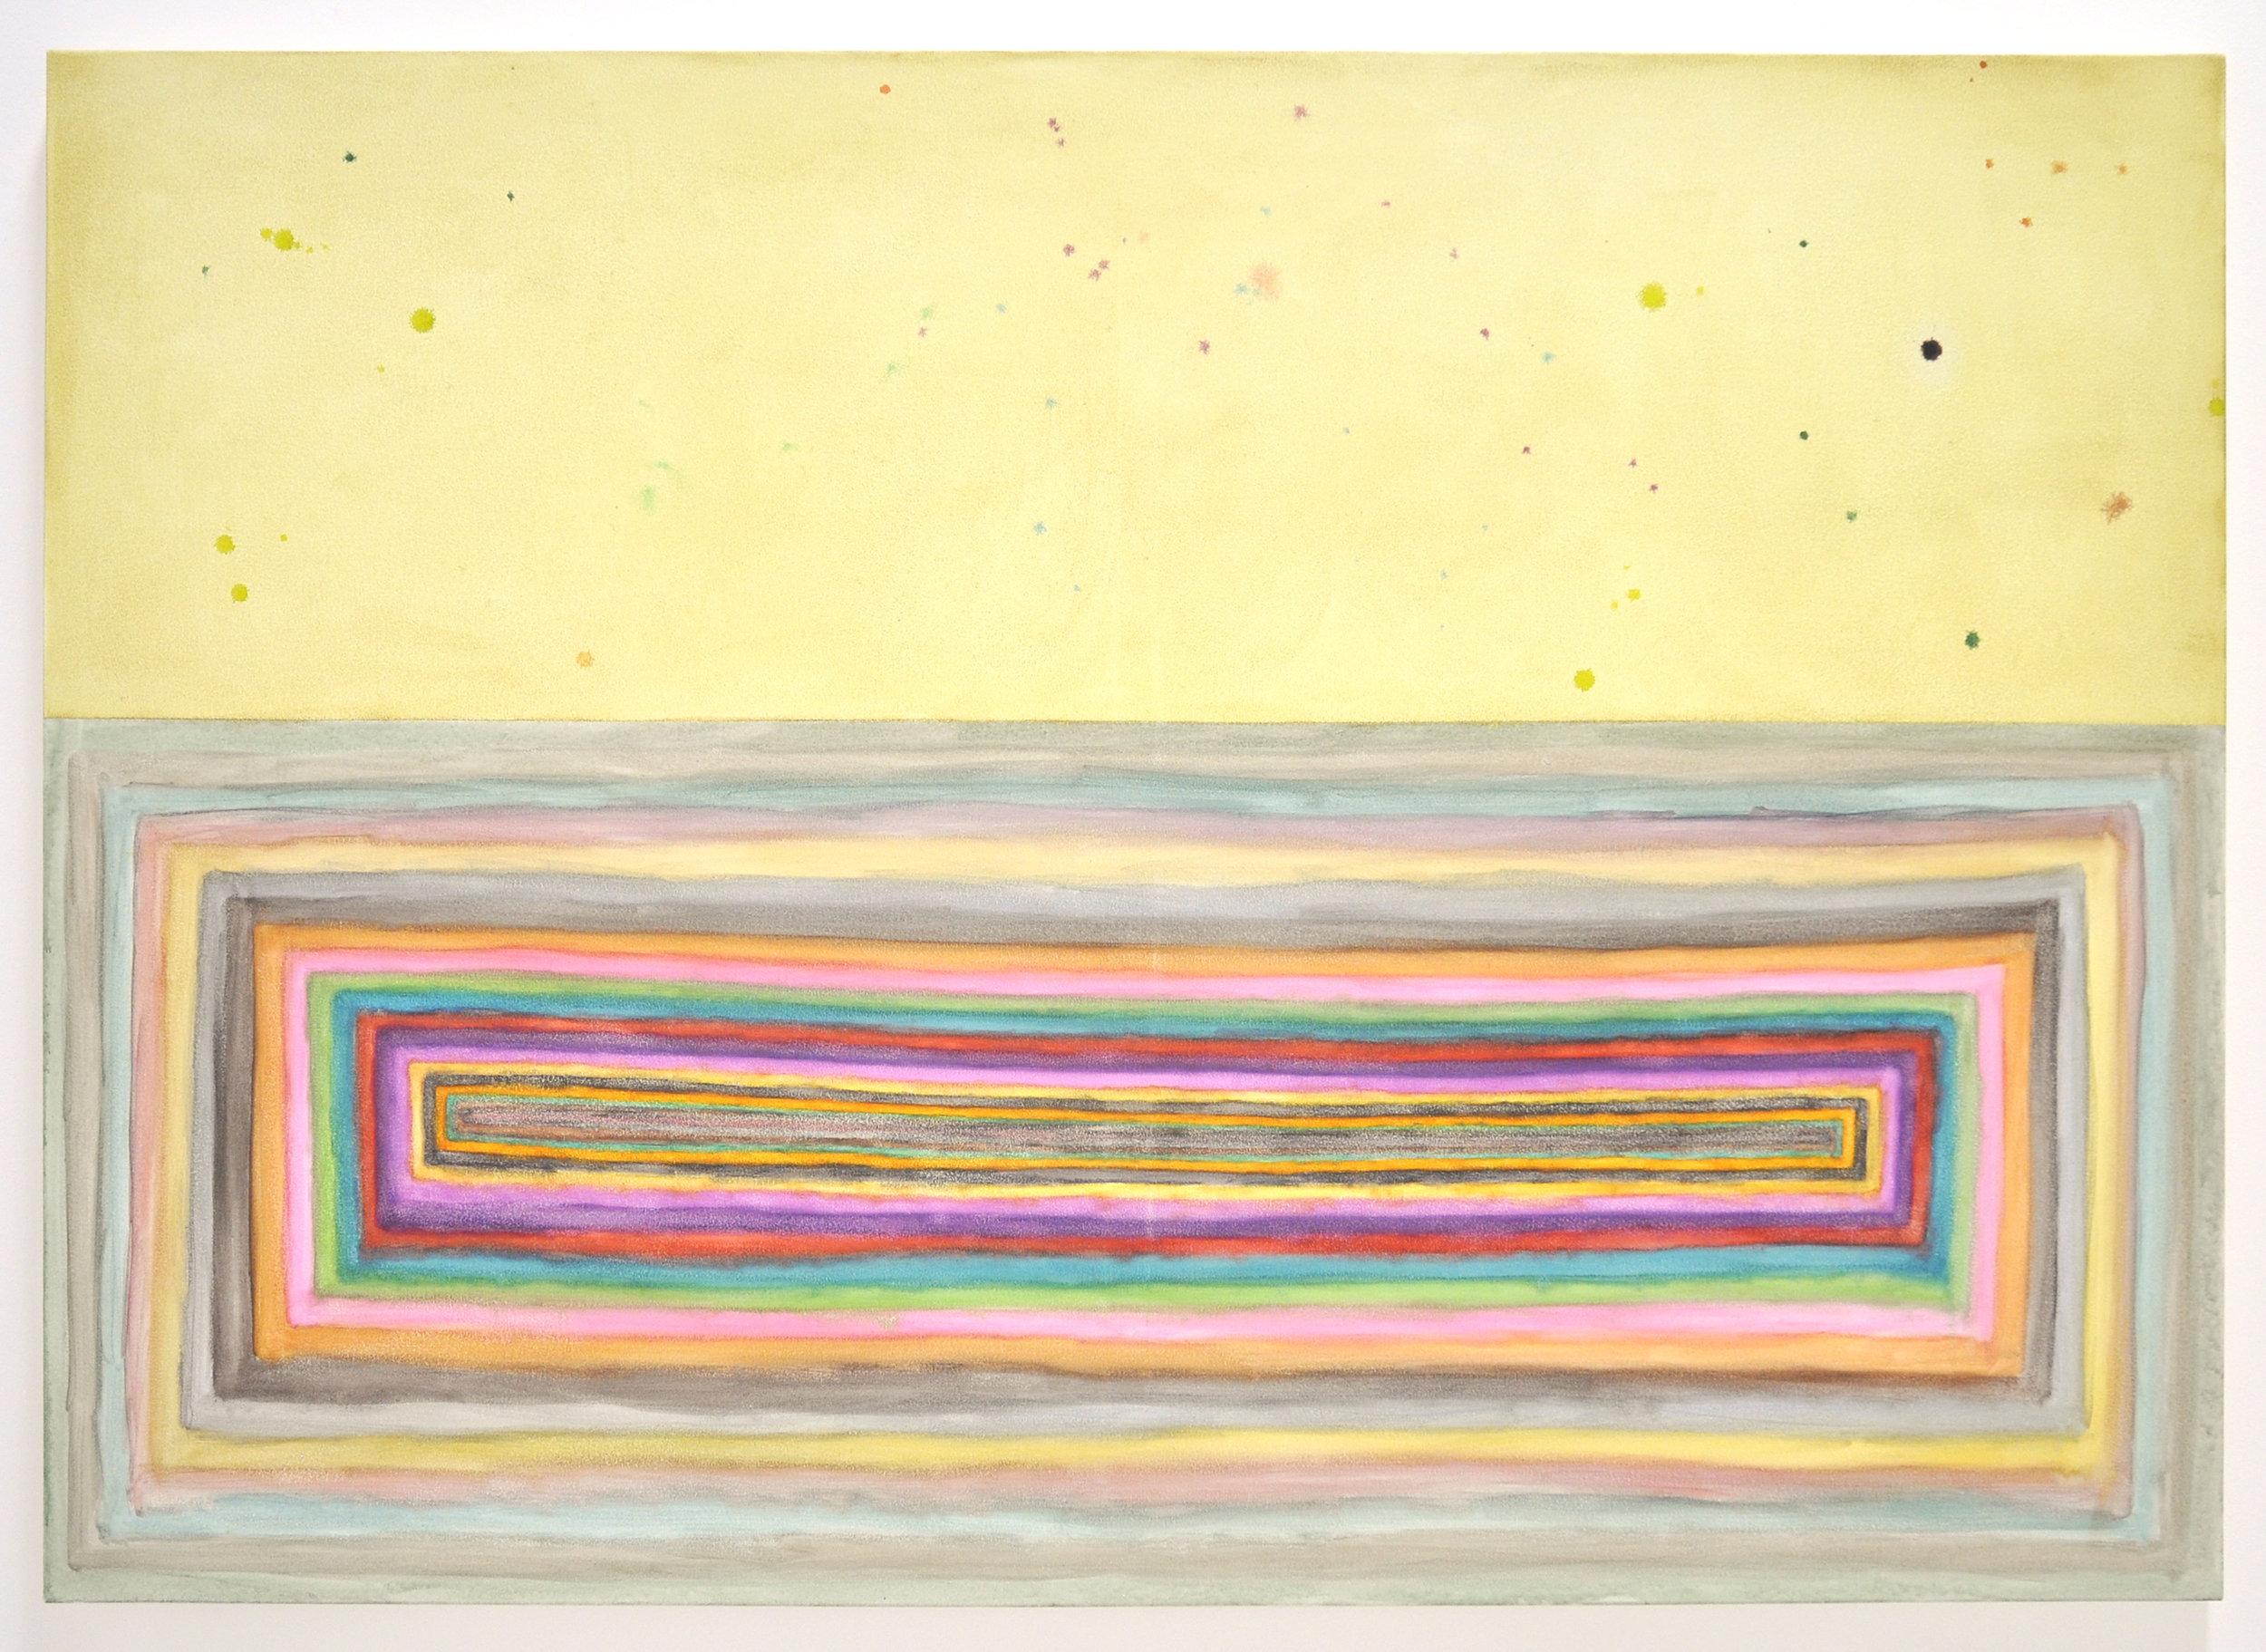 """Ben Quinn, """"Dreamer's Portal"""", Watercolor, uv varnish on canvas, 60 x 48 in, 2018"""